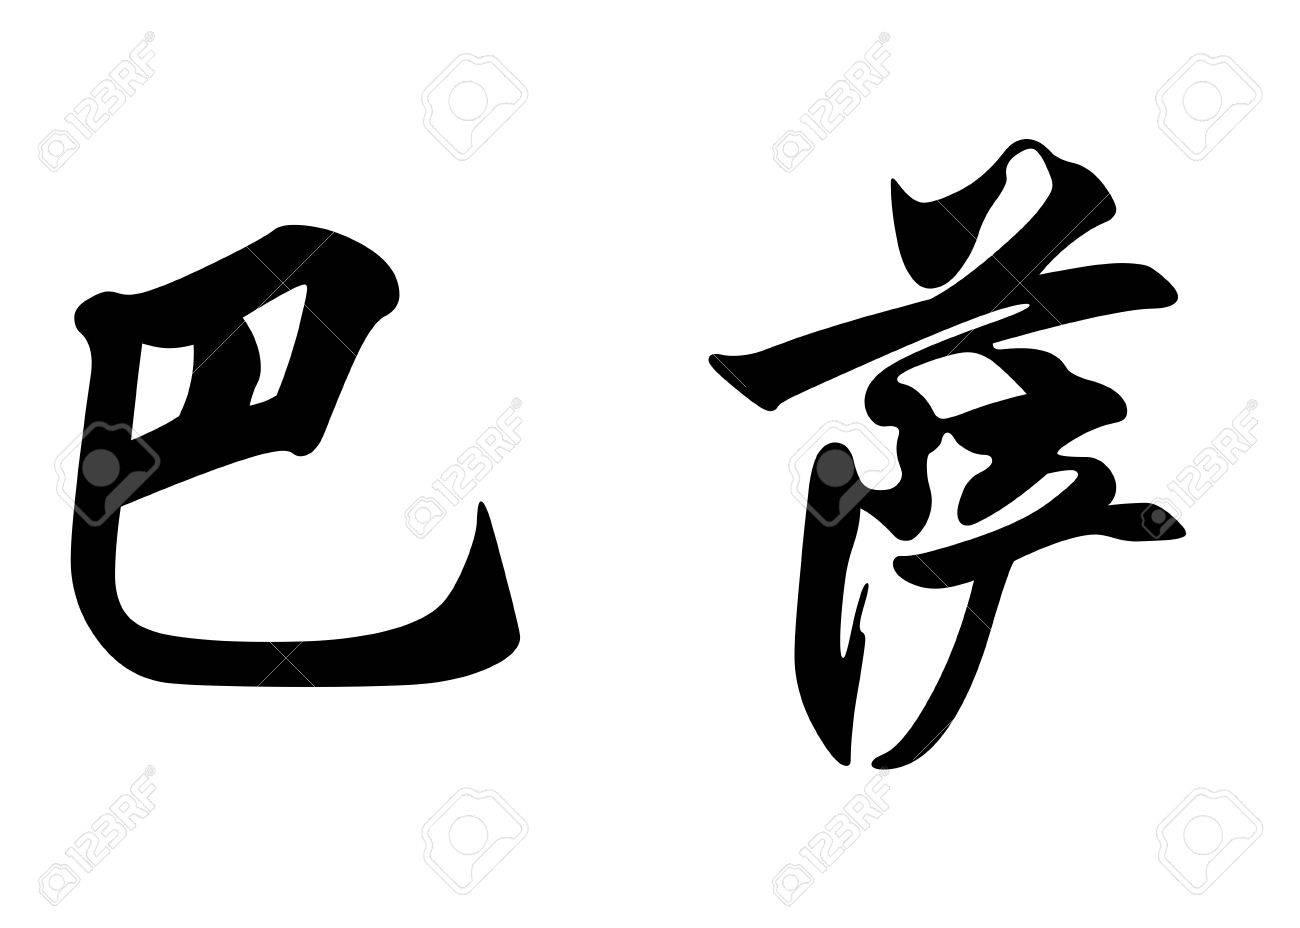 書道漢字または日本語の文字英語...